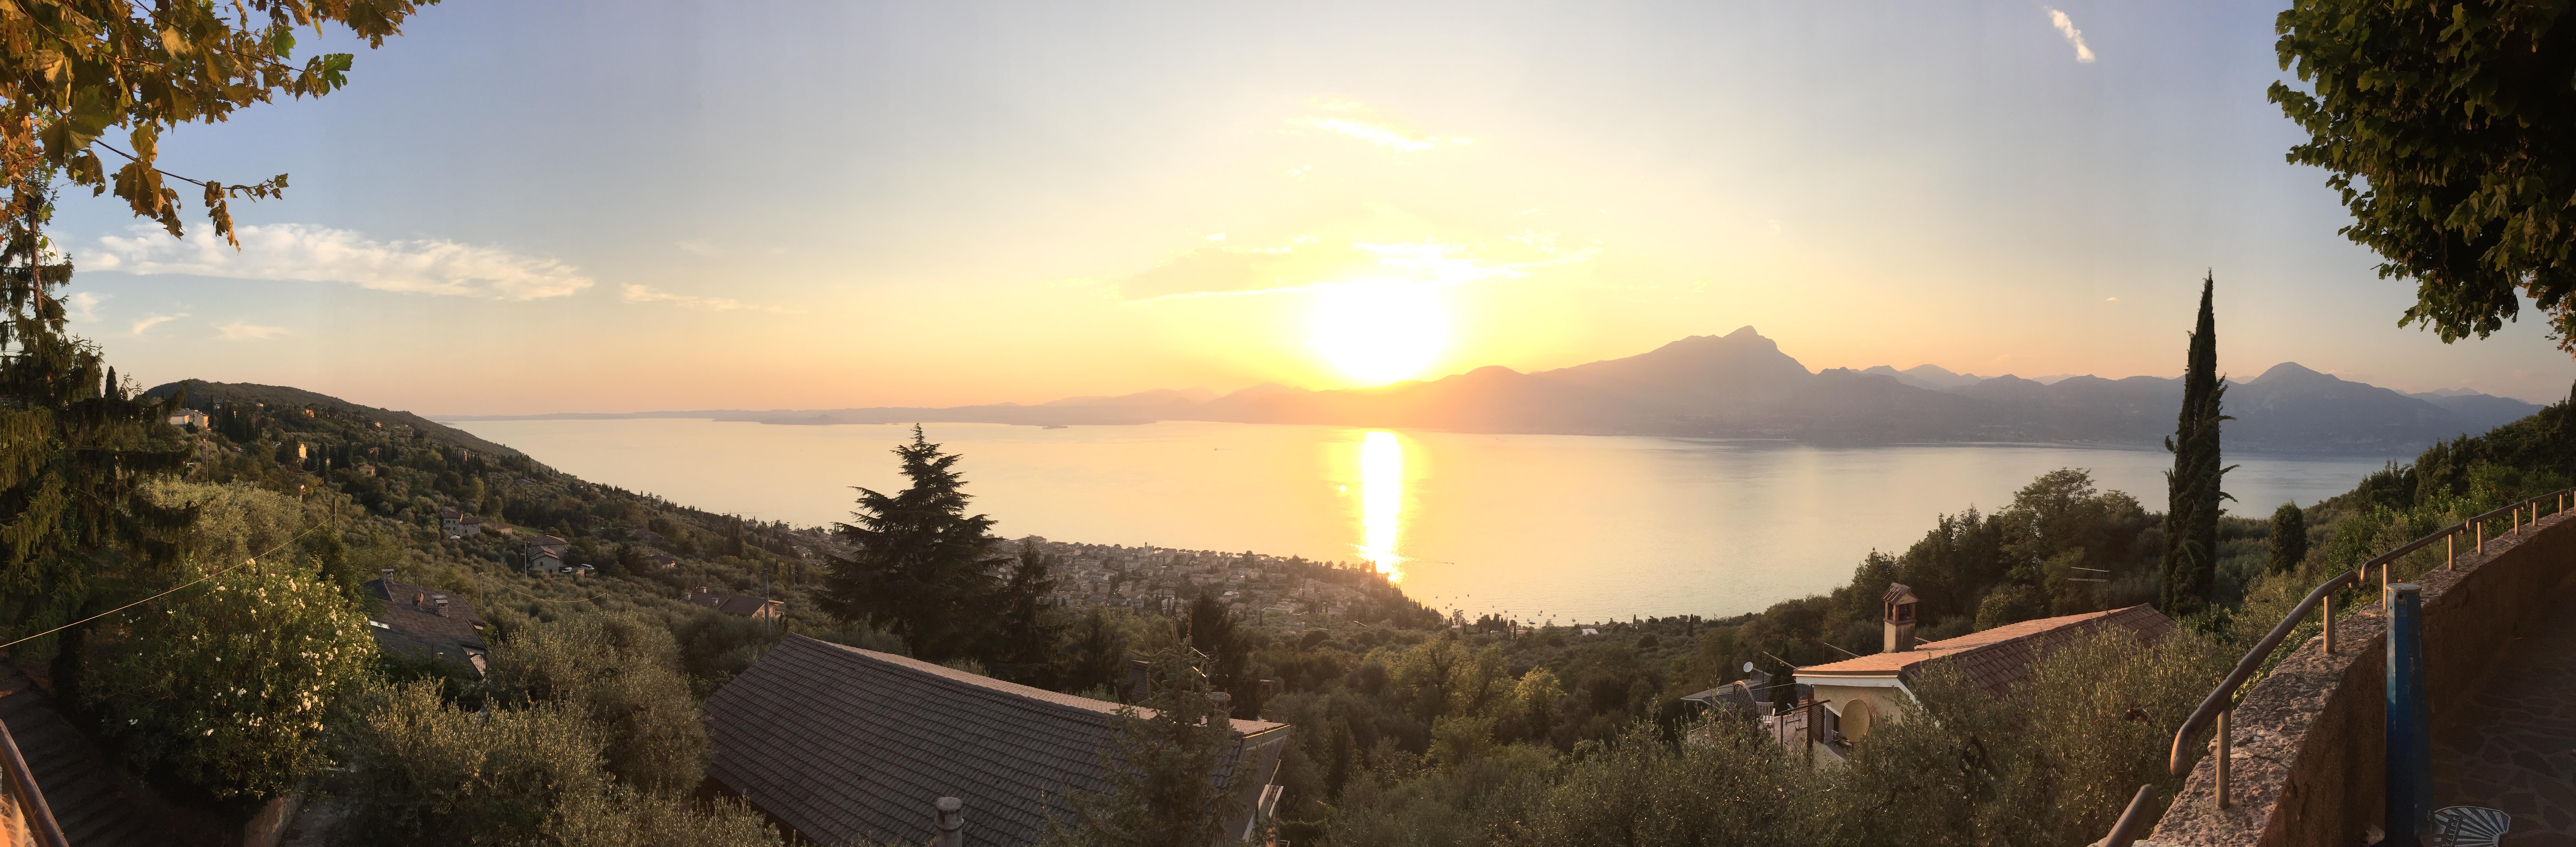 Bessere Panorama-Fotos mit dem Apple iPhone aufnehmen